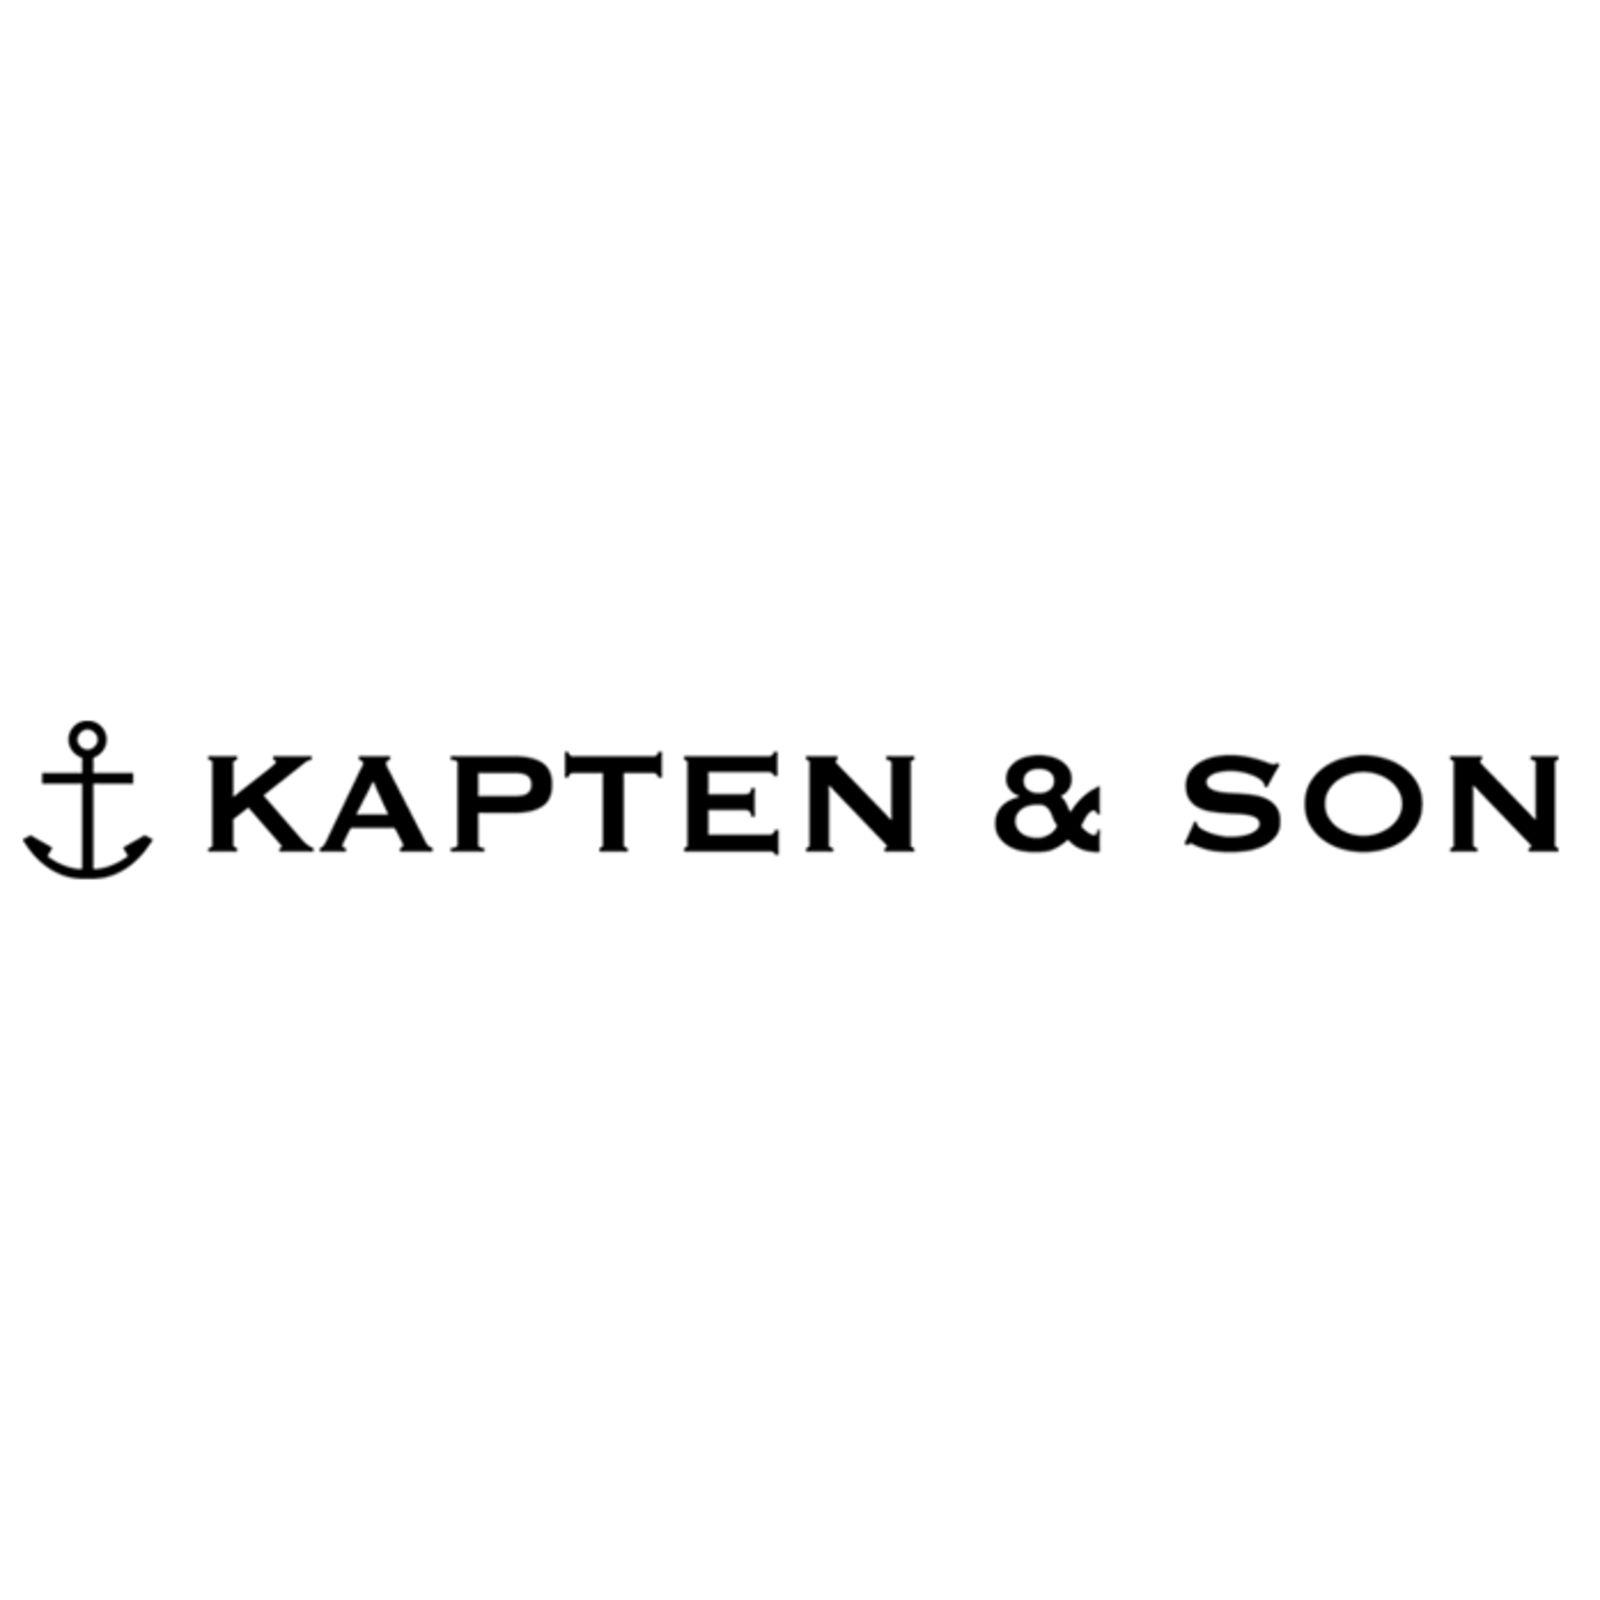 KAPTEN & SON (Bild 1)